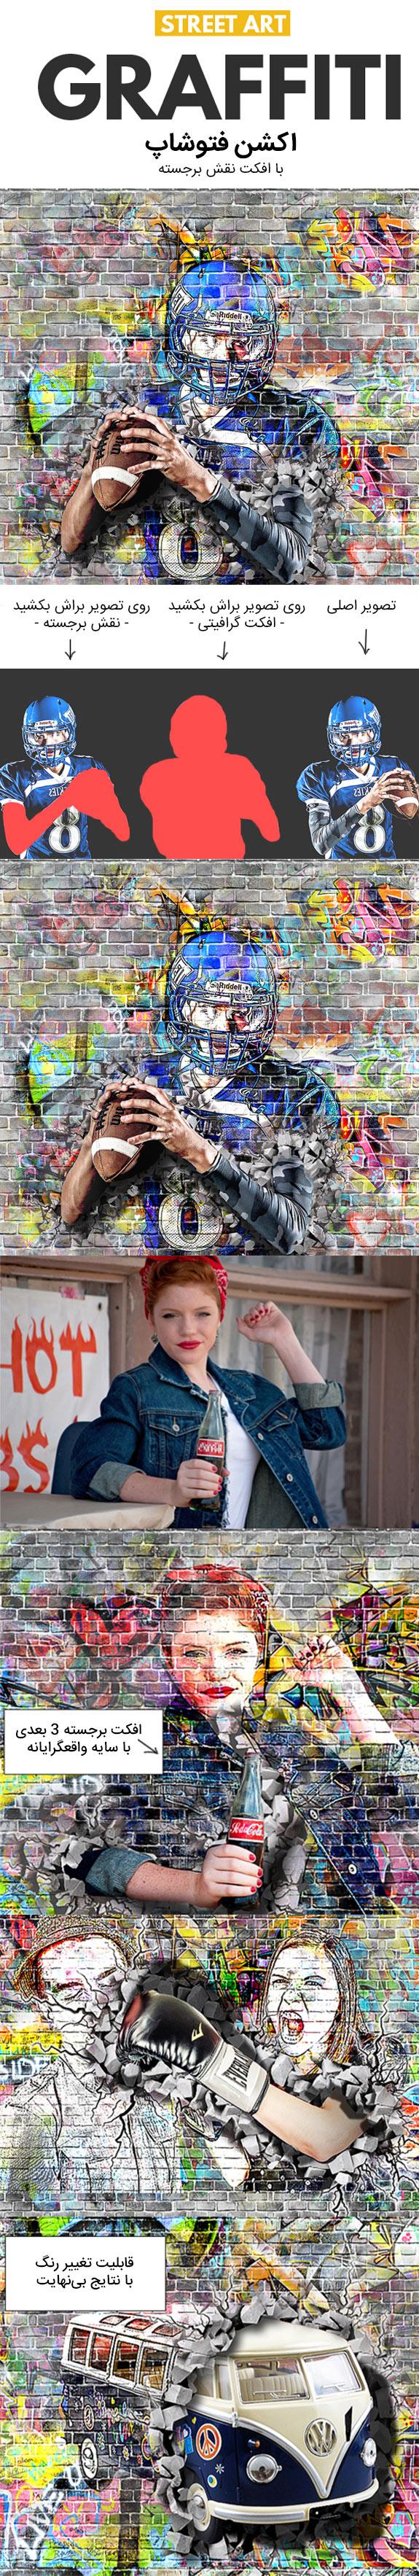 اکشن فتوشاپ افکت گرافیتی با نقش برجسته